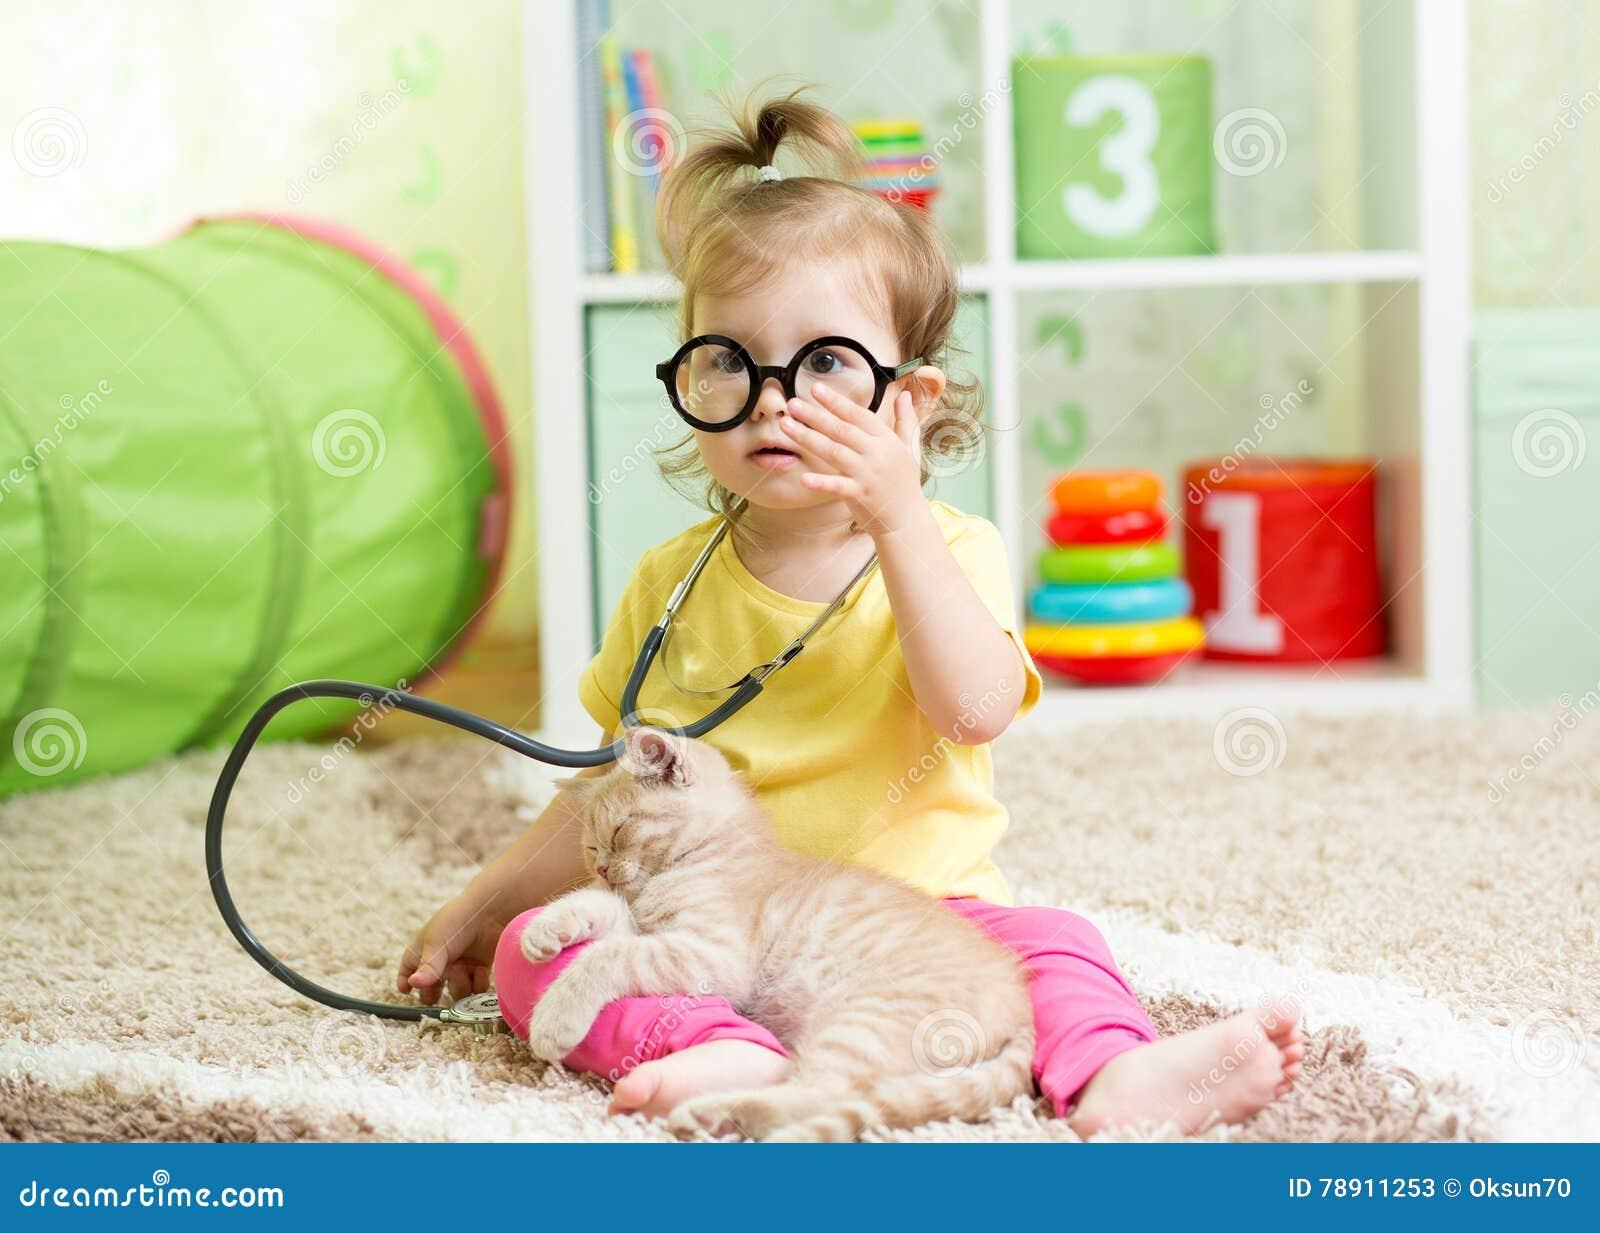 Ragazza del bambino che gioca al dottore With Cat In Nursery